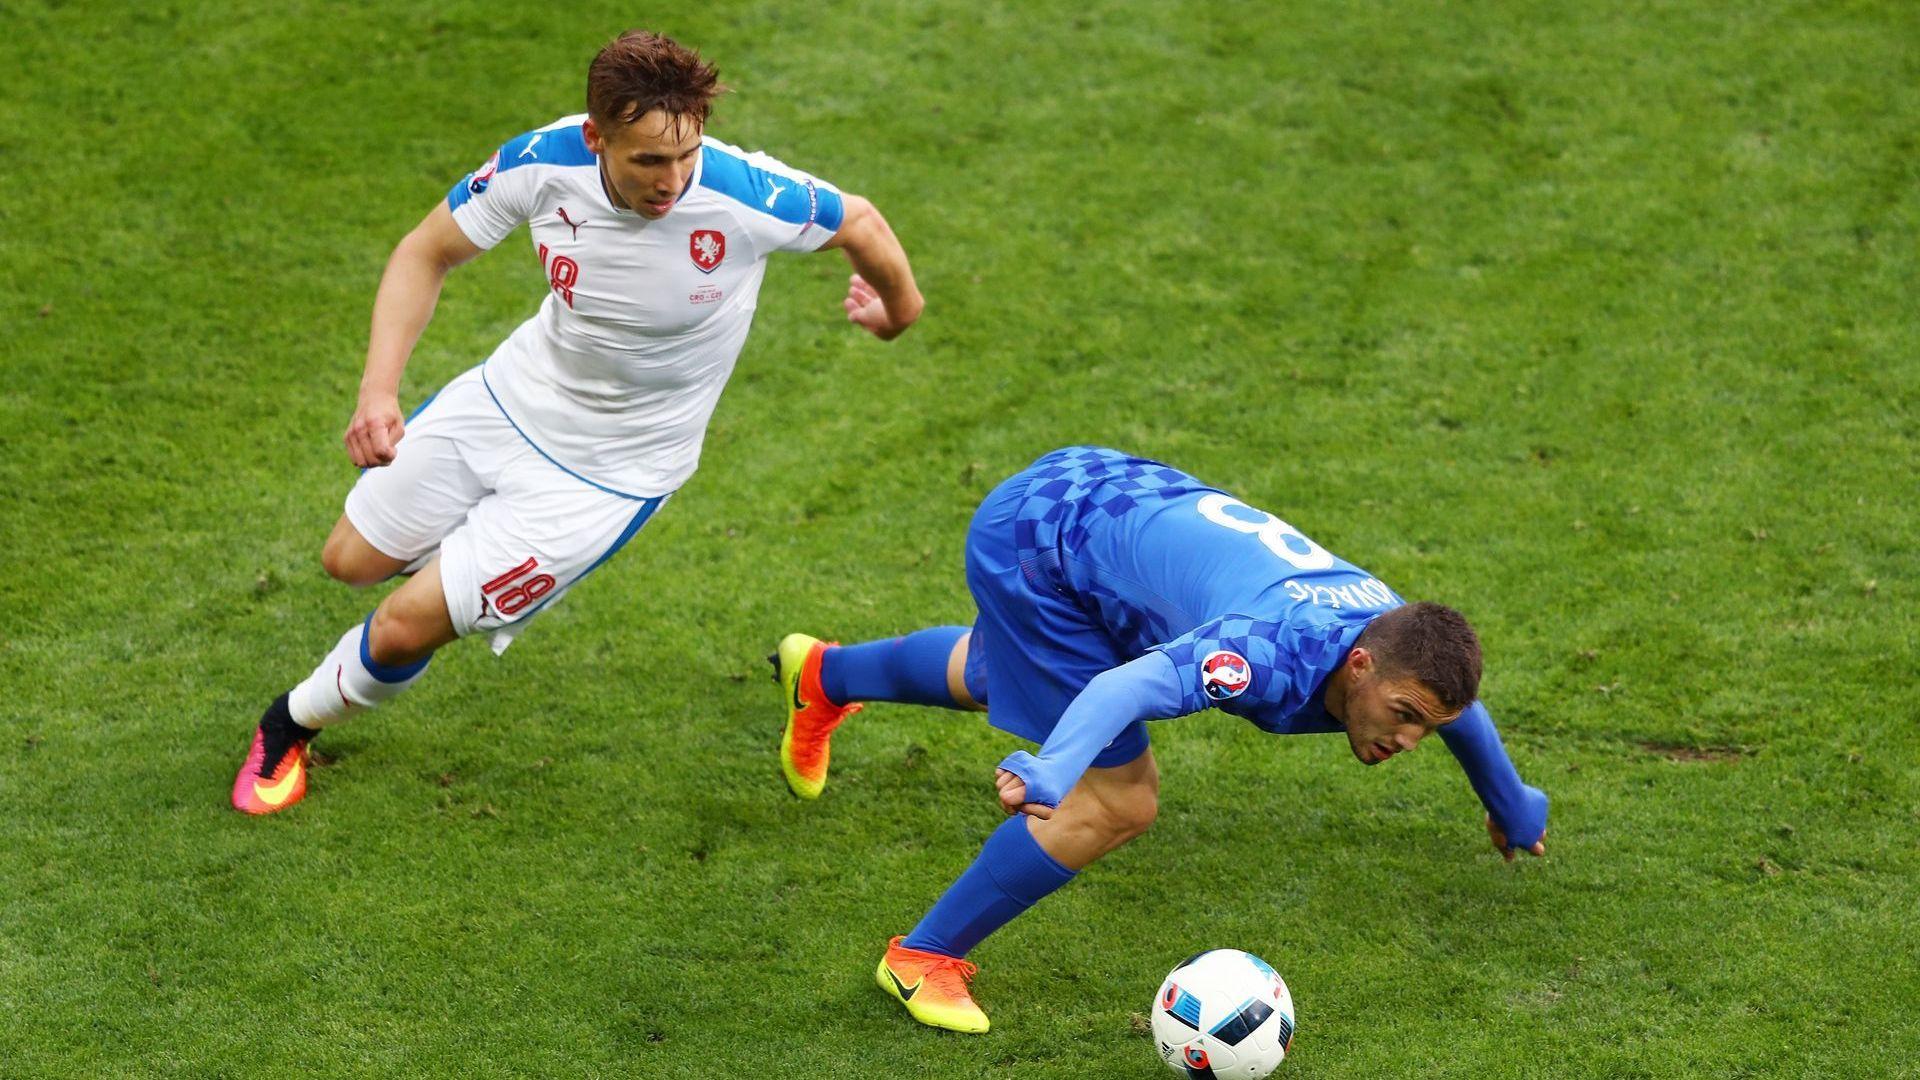 Трагедия смрази чешкия футбол - национал загина в катастрофа